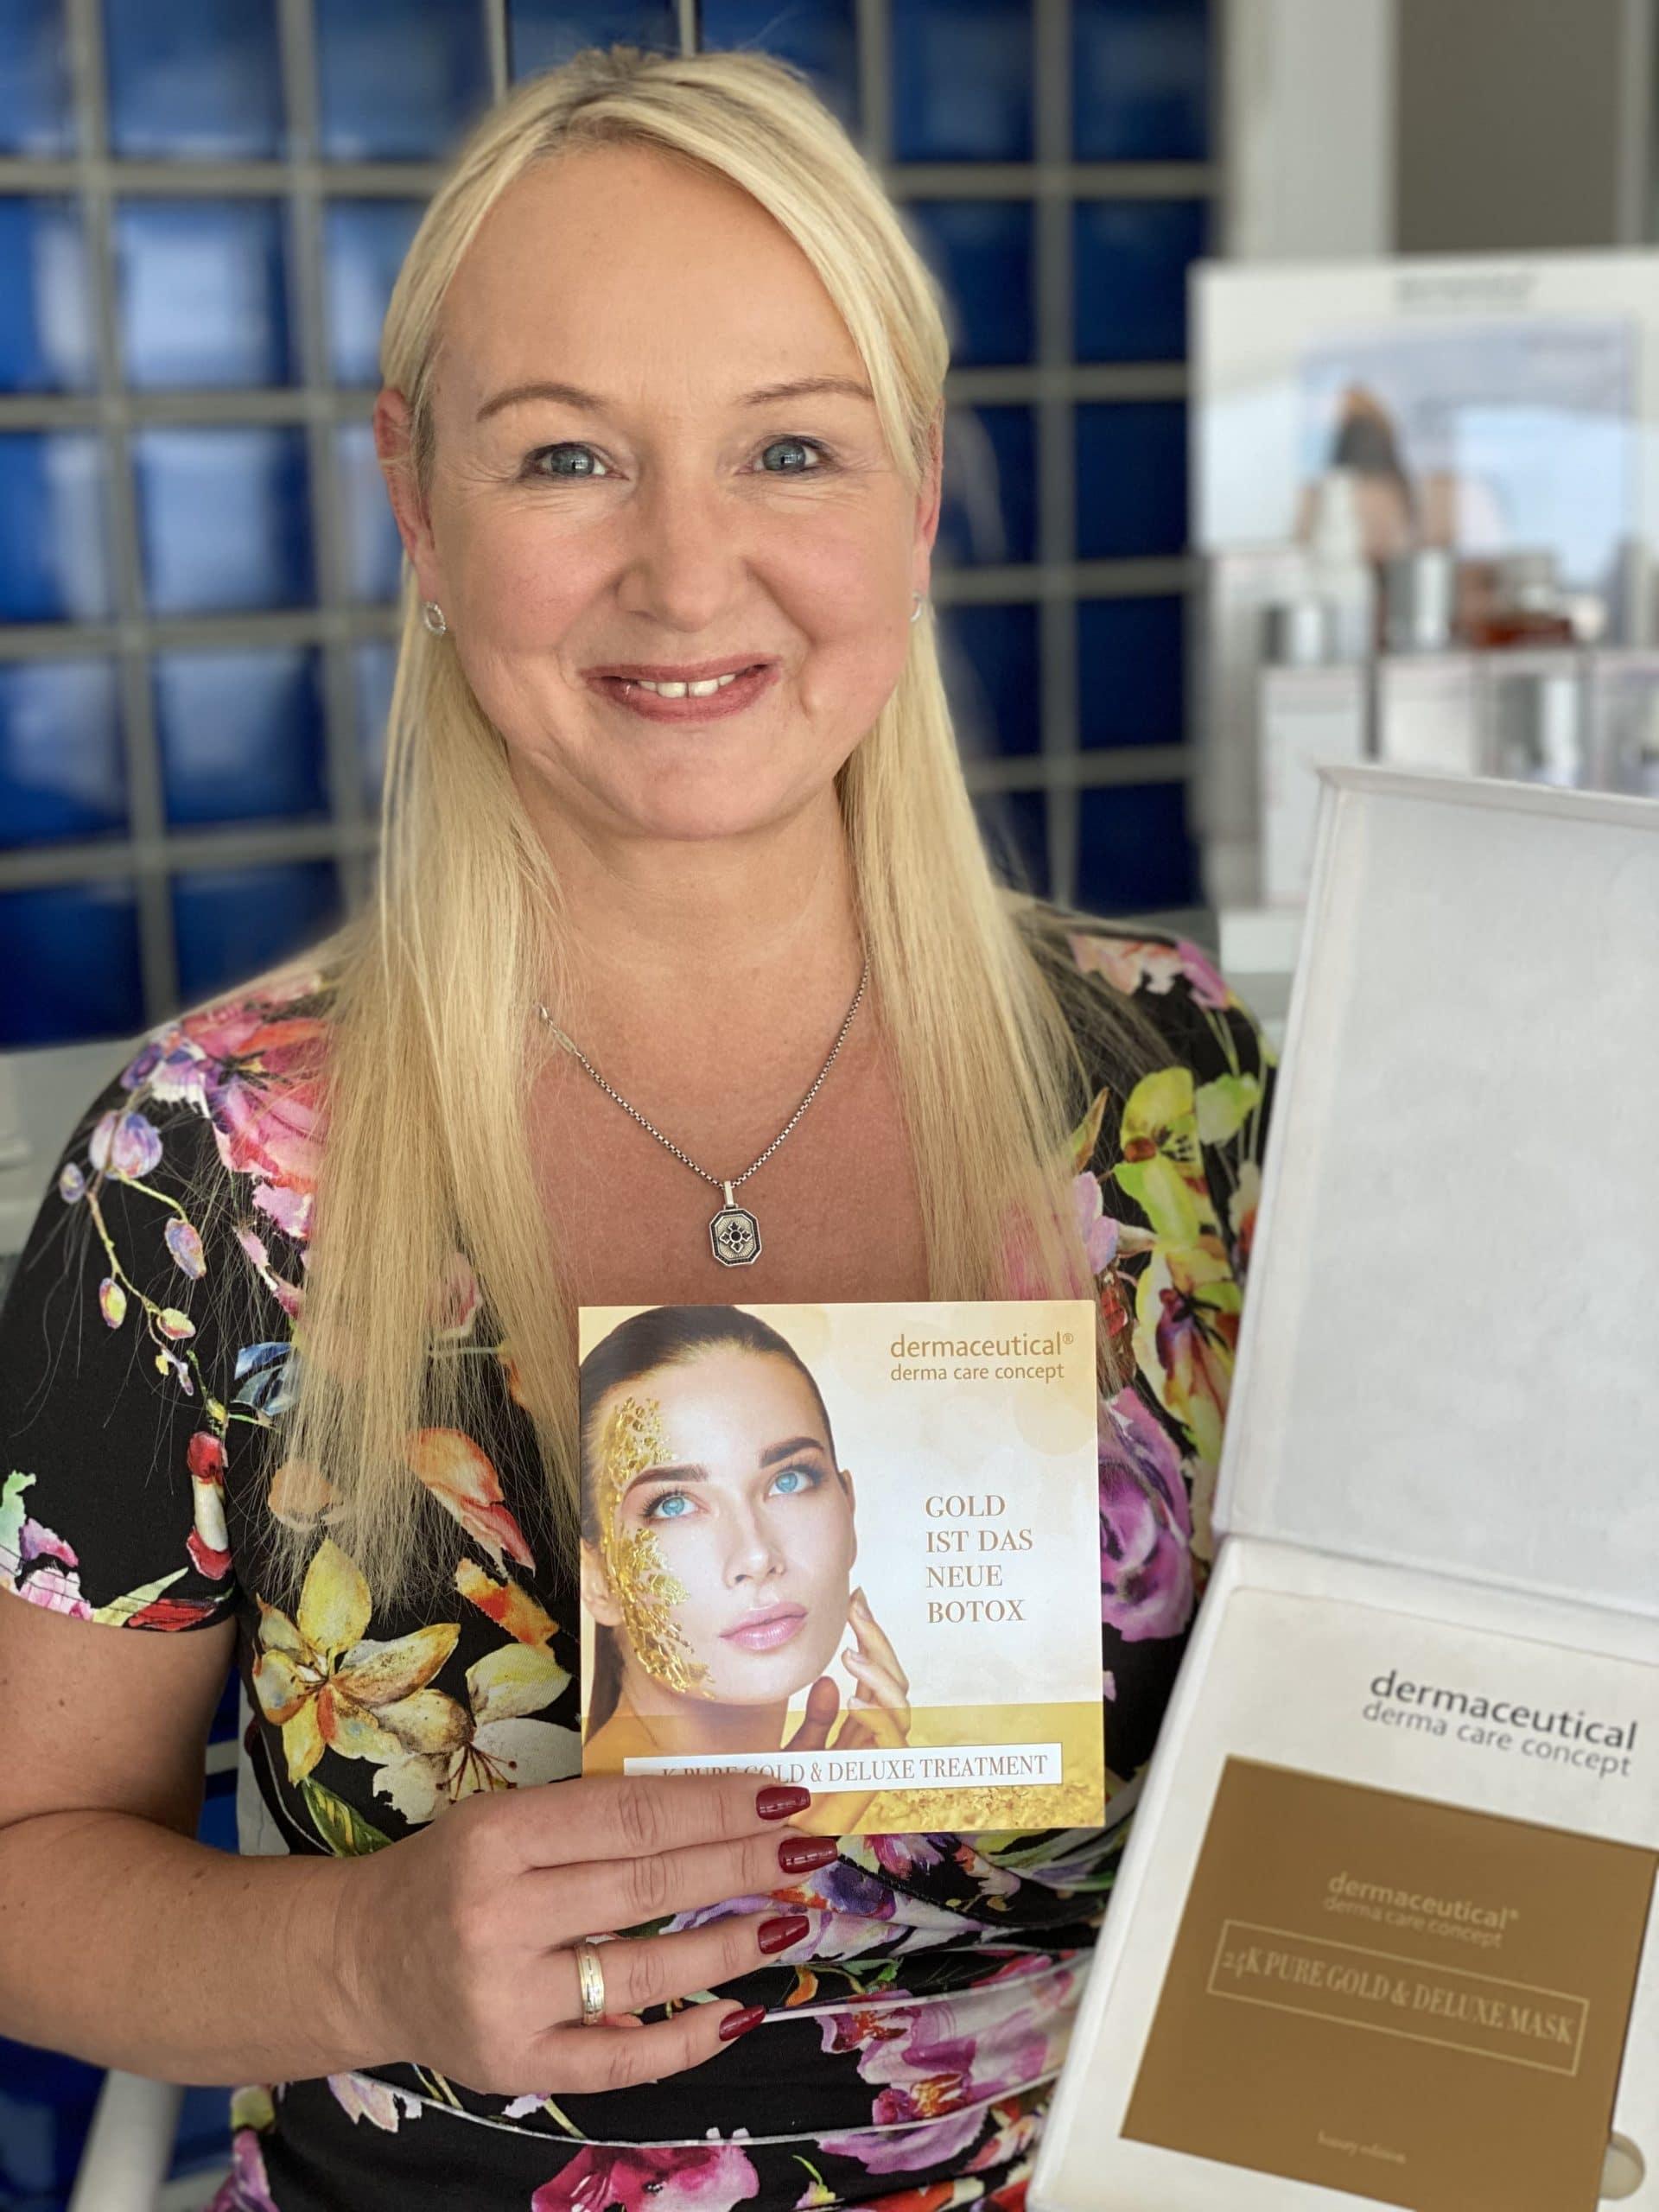 Gold Gesichtsmaske von dermaceutical